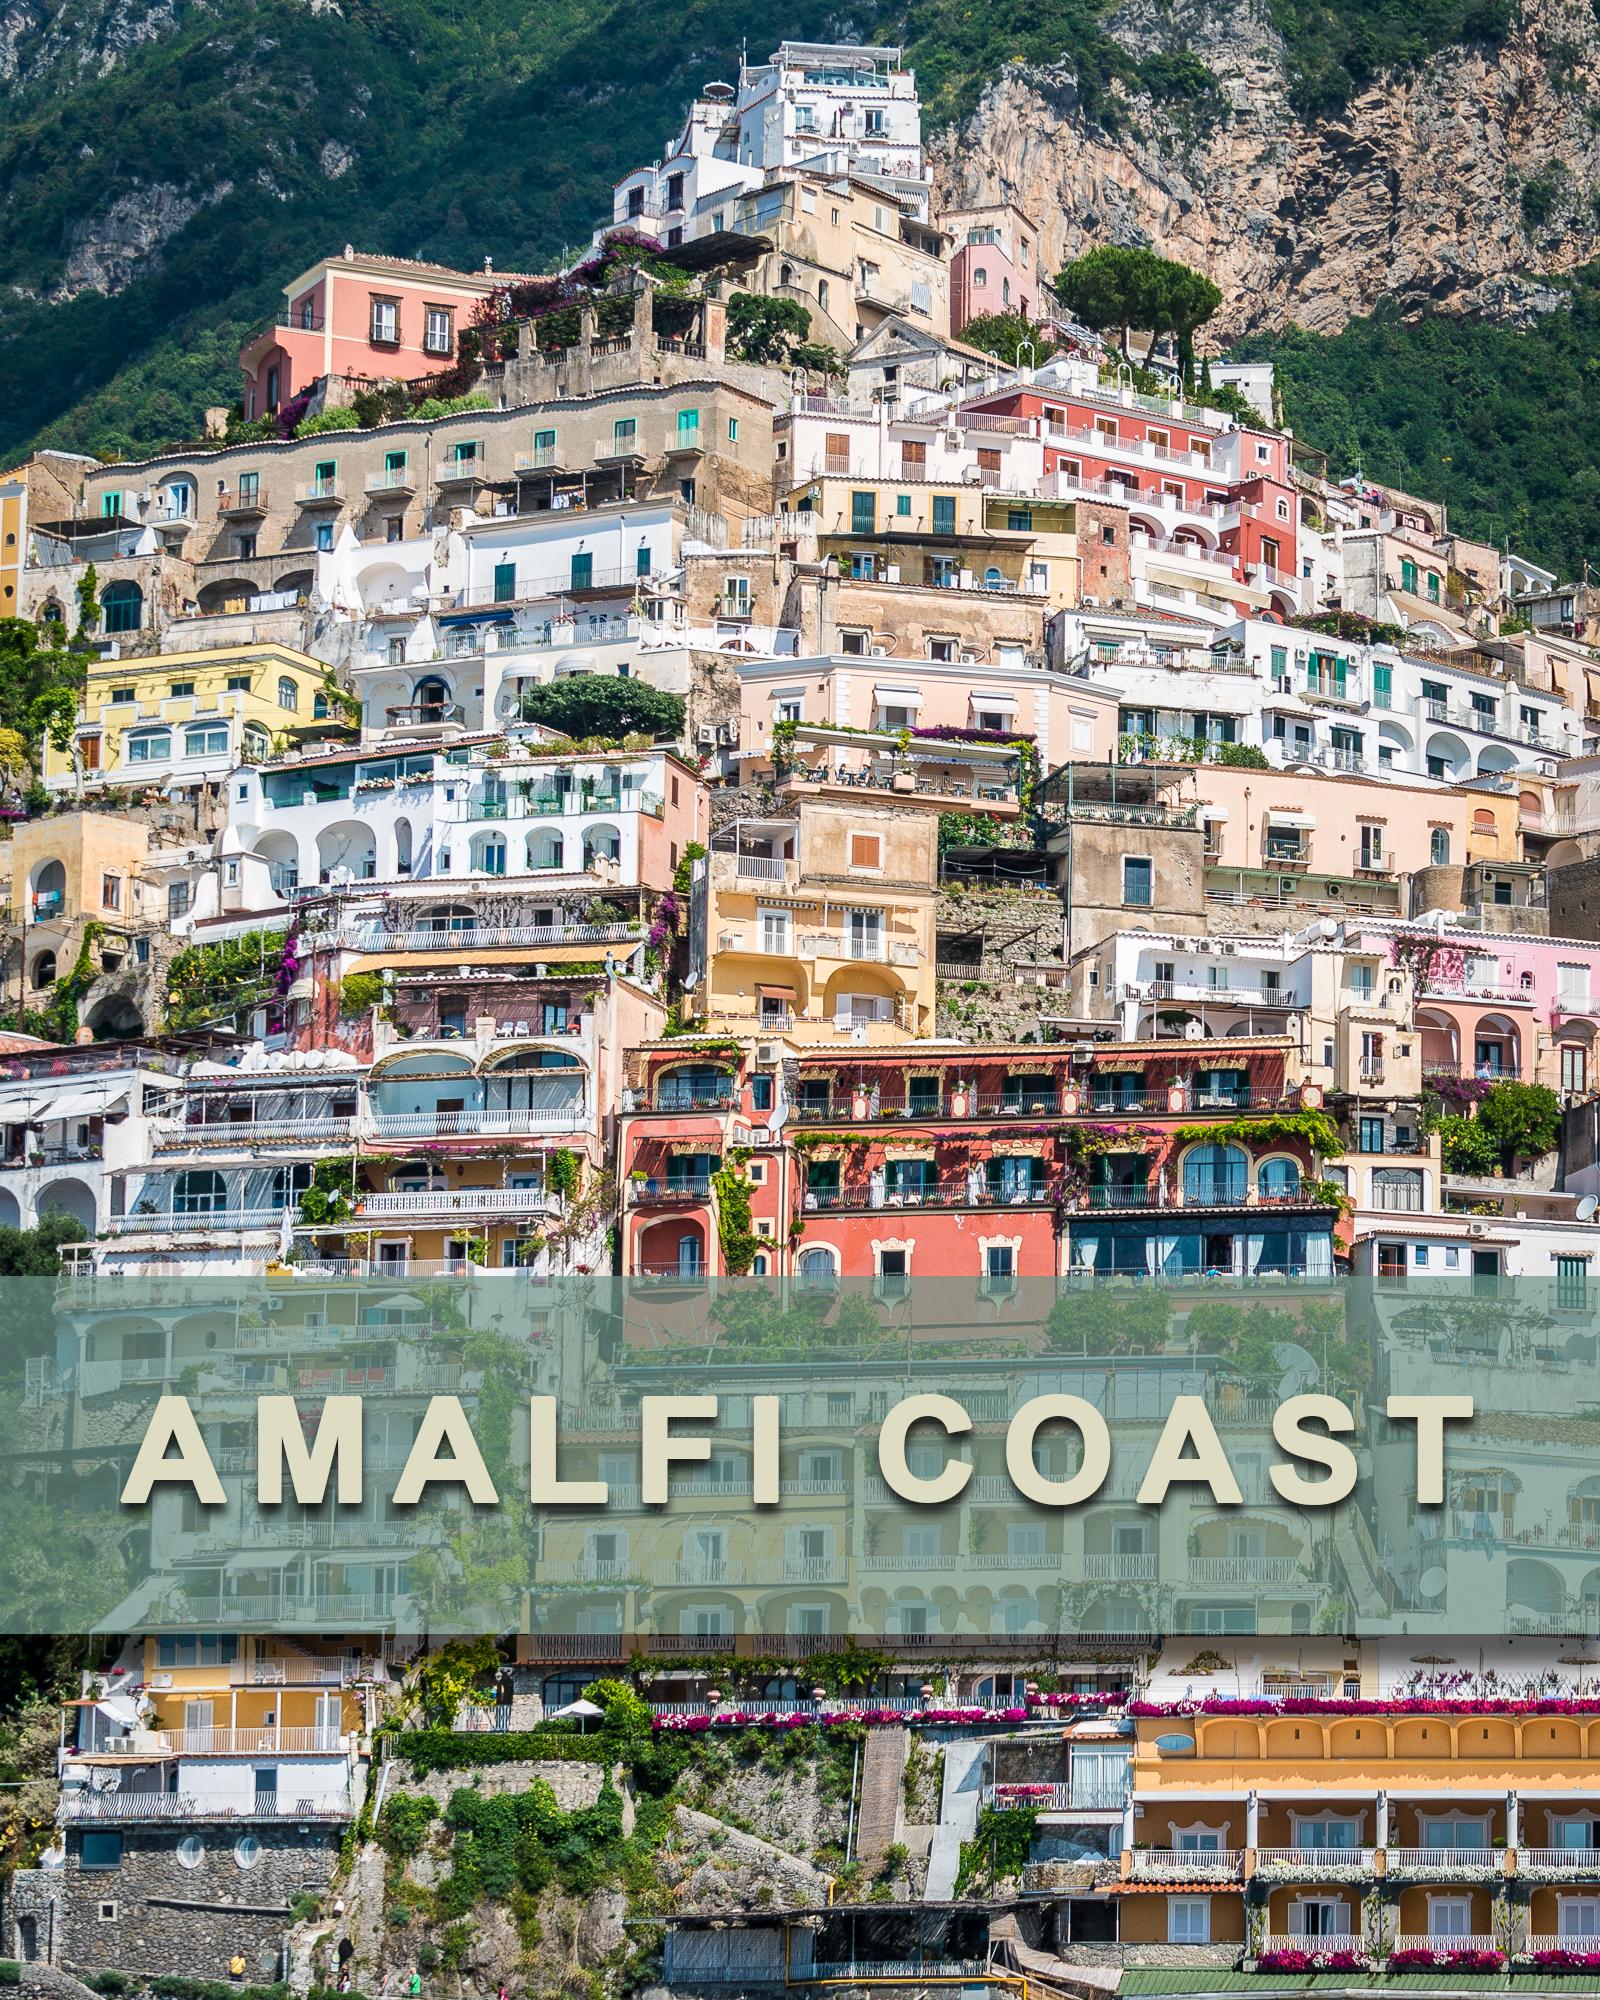 AmalfiCoast.jpg